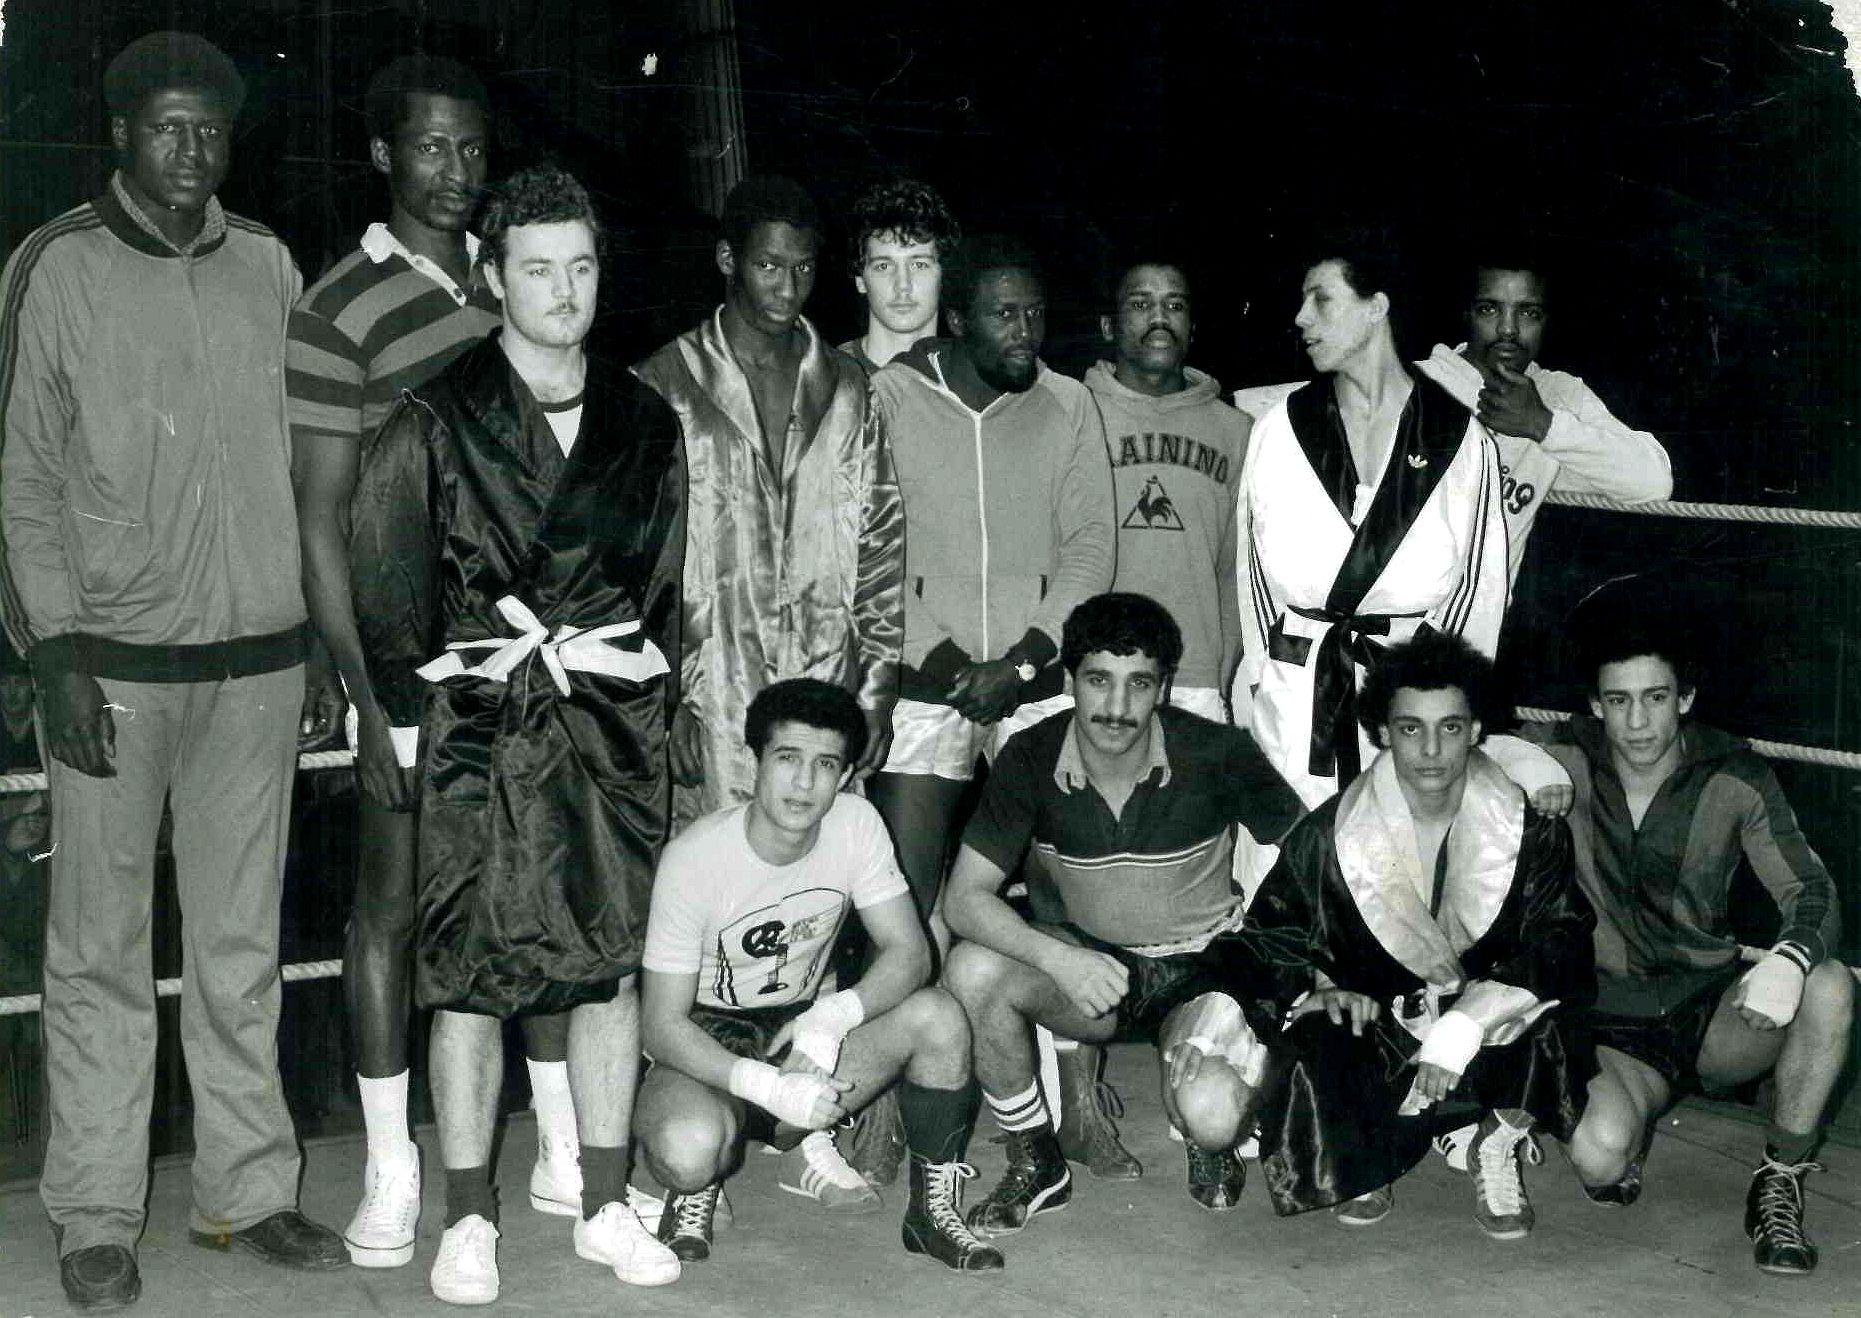 De gauche à droite, assis au premier rang : Madjid Izouaouéne, Abdel Ali Debah, Lakhal Djellal et Benziane. Gymnase de la Porte Pouchet, Paris, début des années 80.